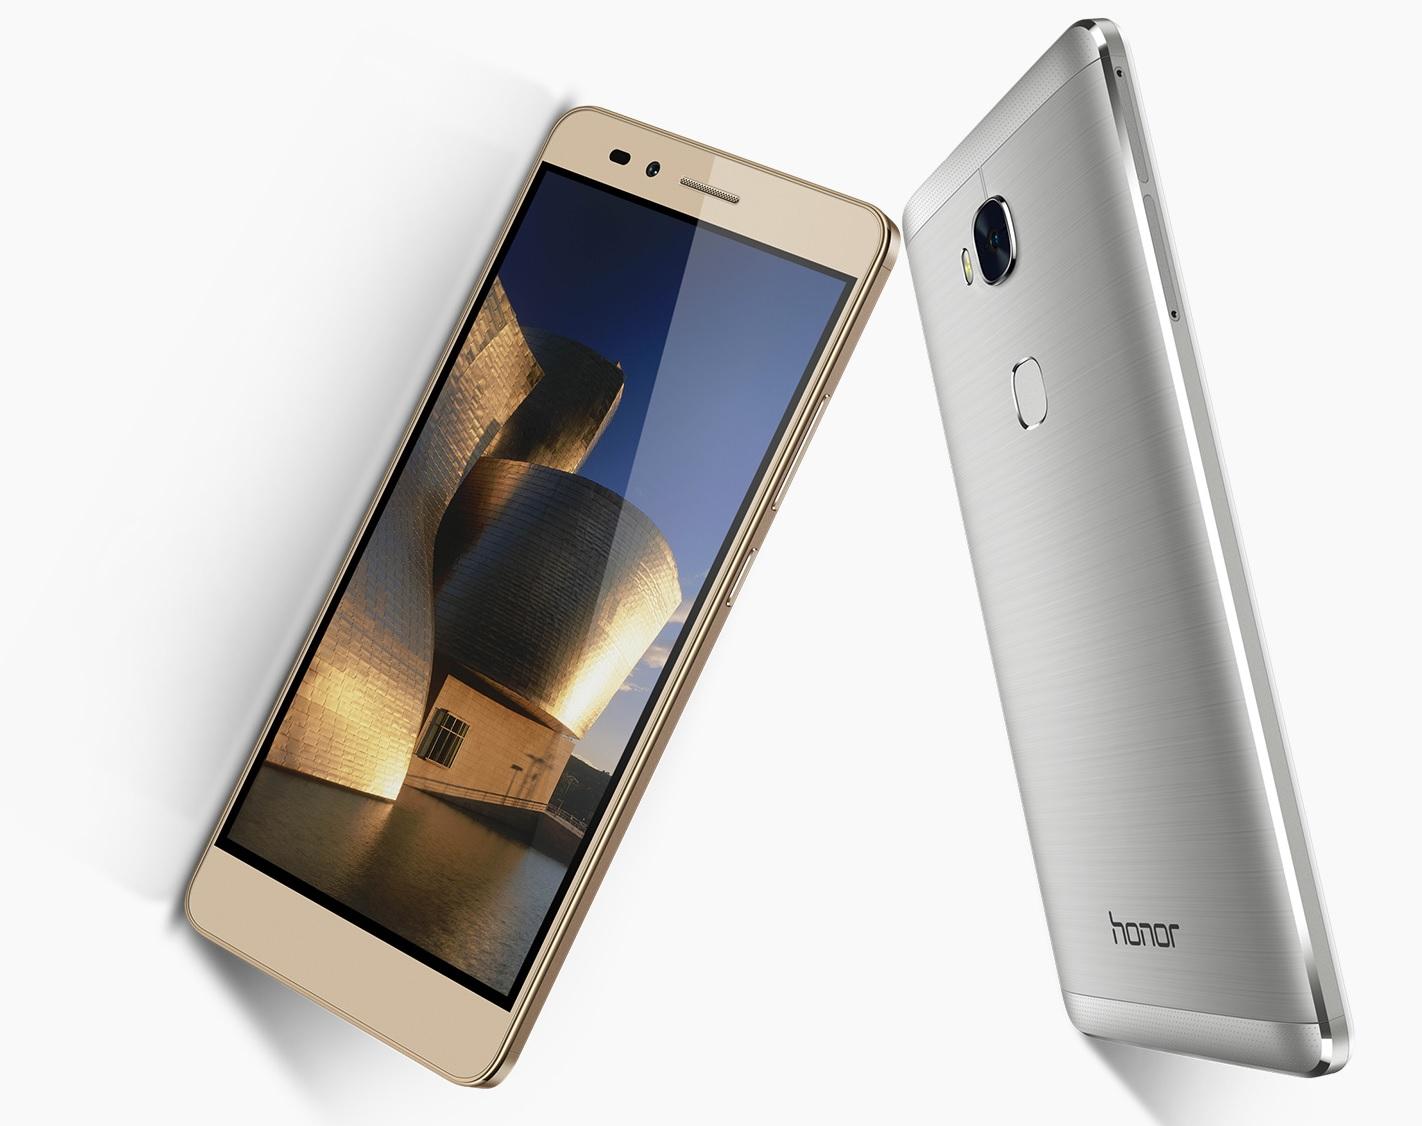 هواوی آنر ۵ ایکس «Huawei Honor 5X» معرفی شد؛ یک گوشی مقرون به صرفه با دوربین ۱۳ مگاپیکسلی